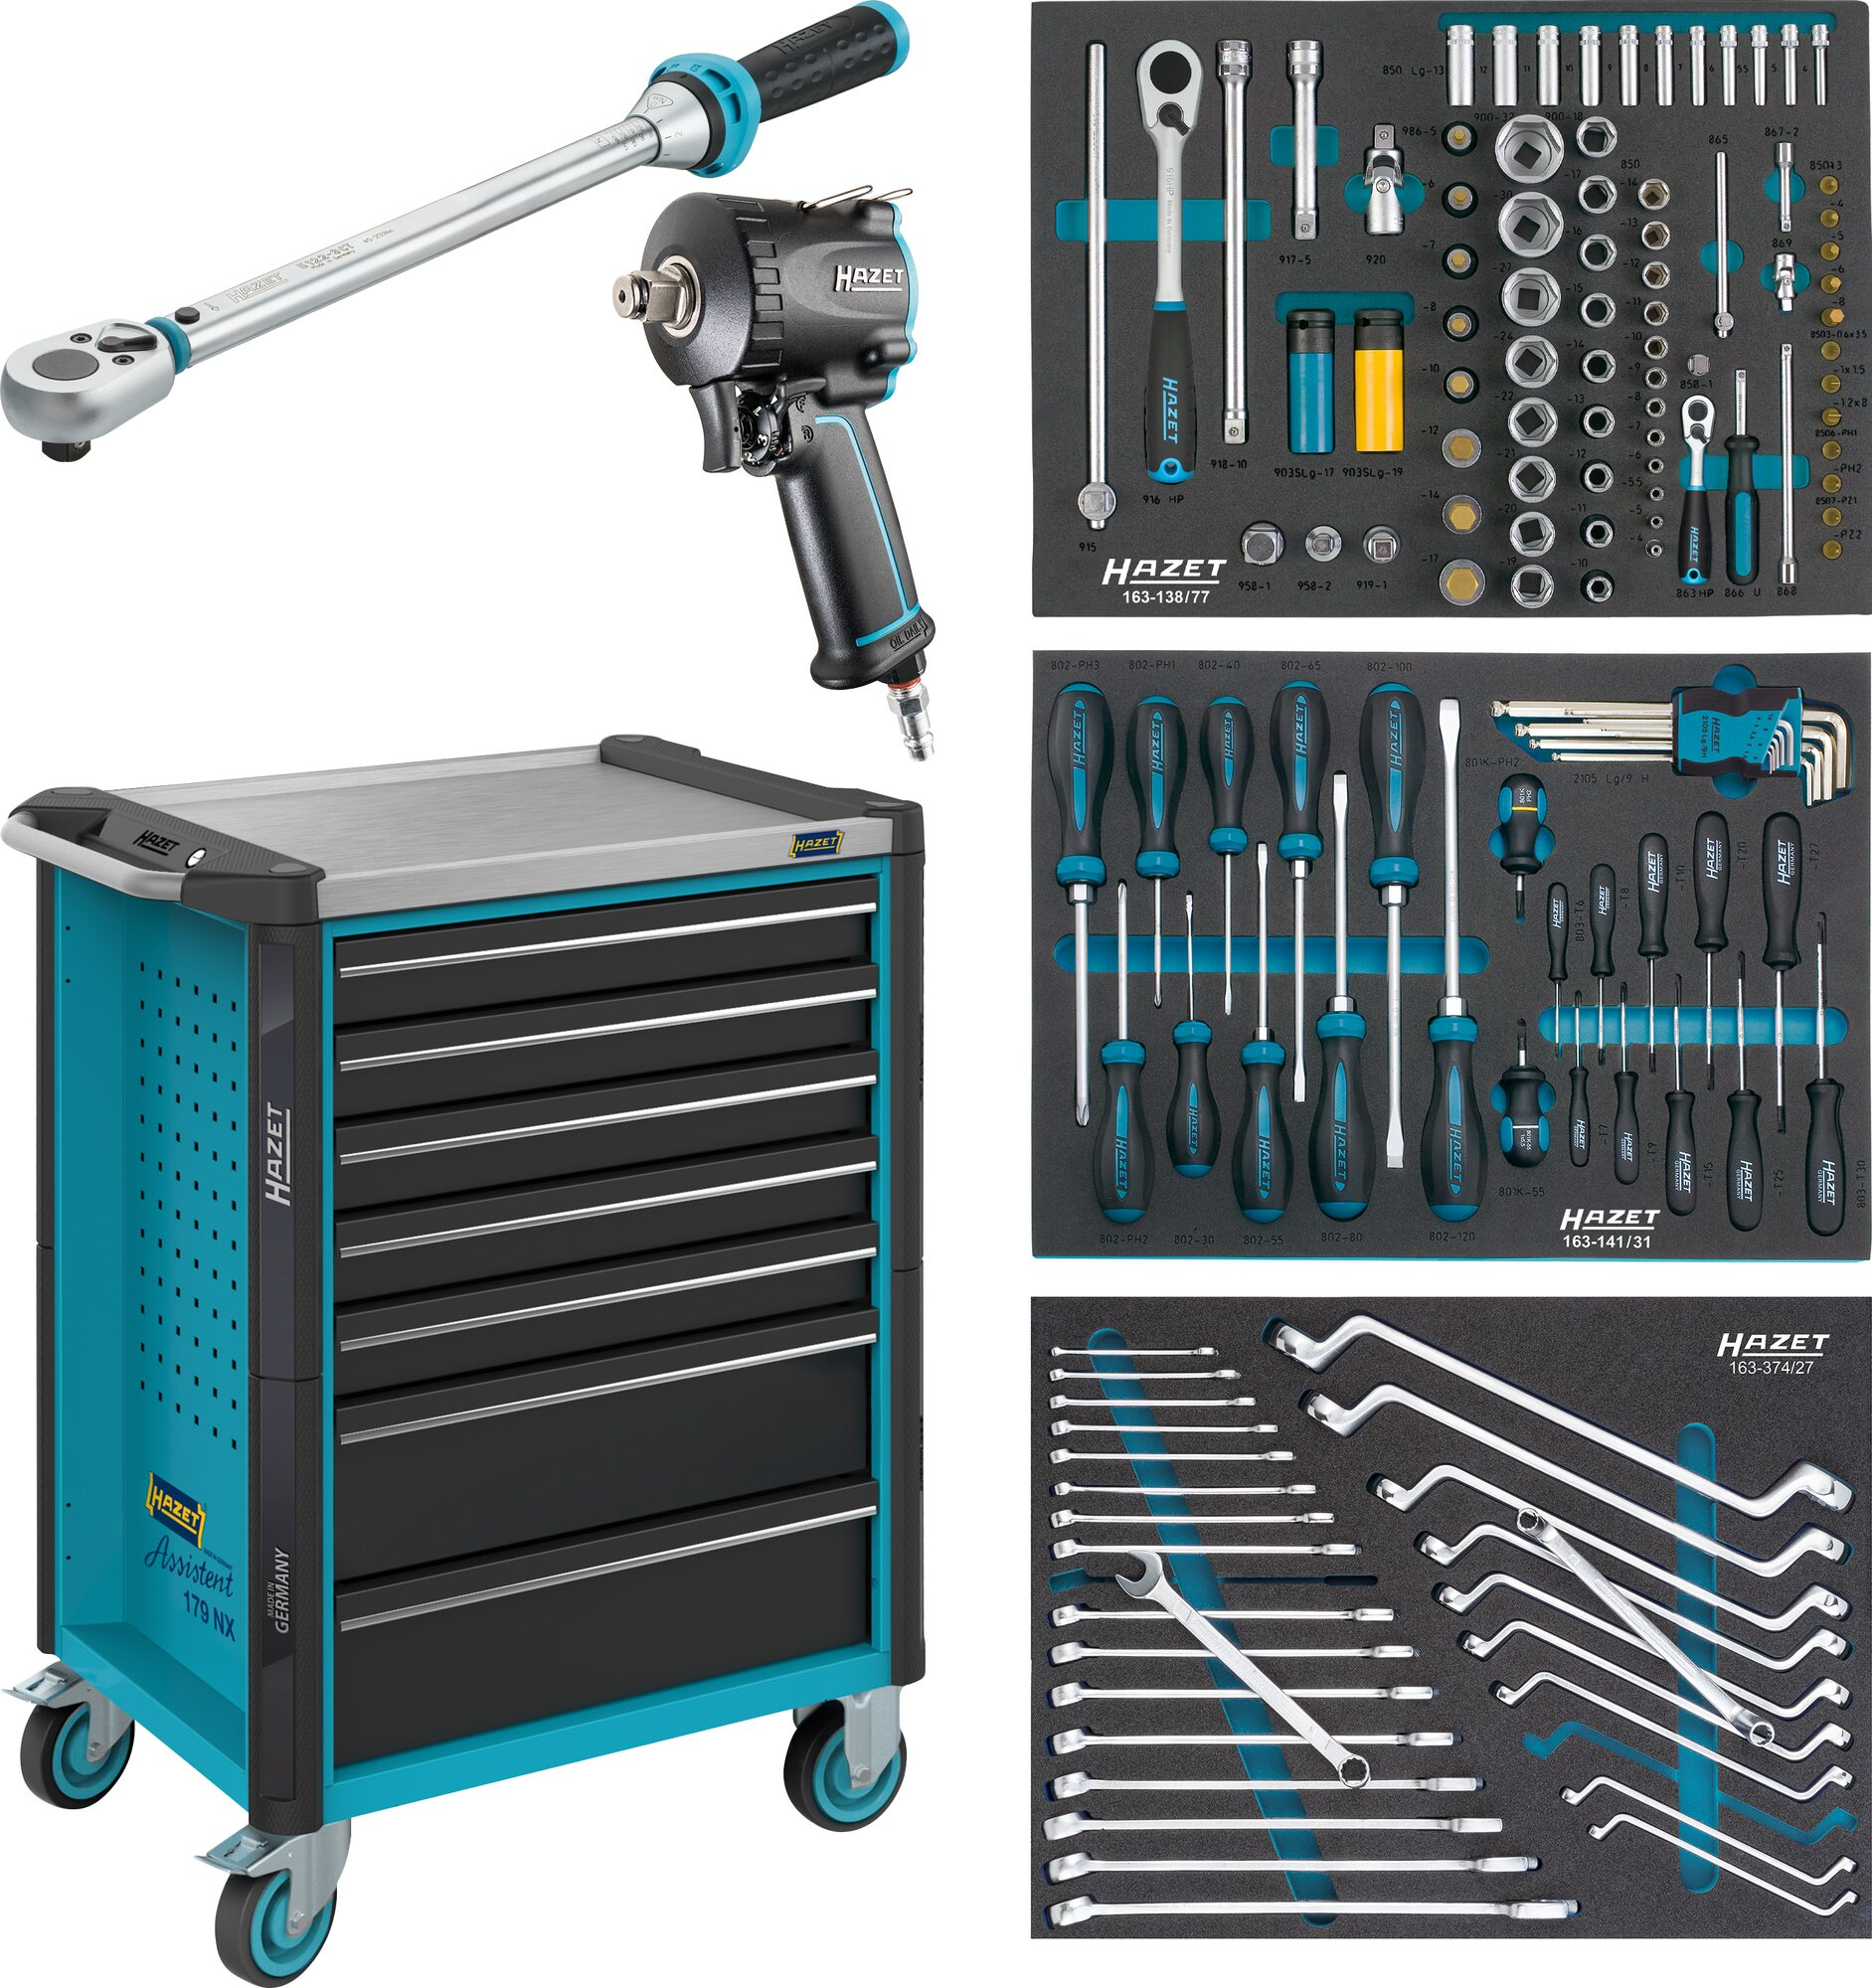 HAZET Werkstattwagen Assistent 179NX-7/137 ∙ Schubladen, flach: 5x 81x522x398 mm ∙ Anzahl Werkzeuge: 137